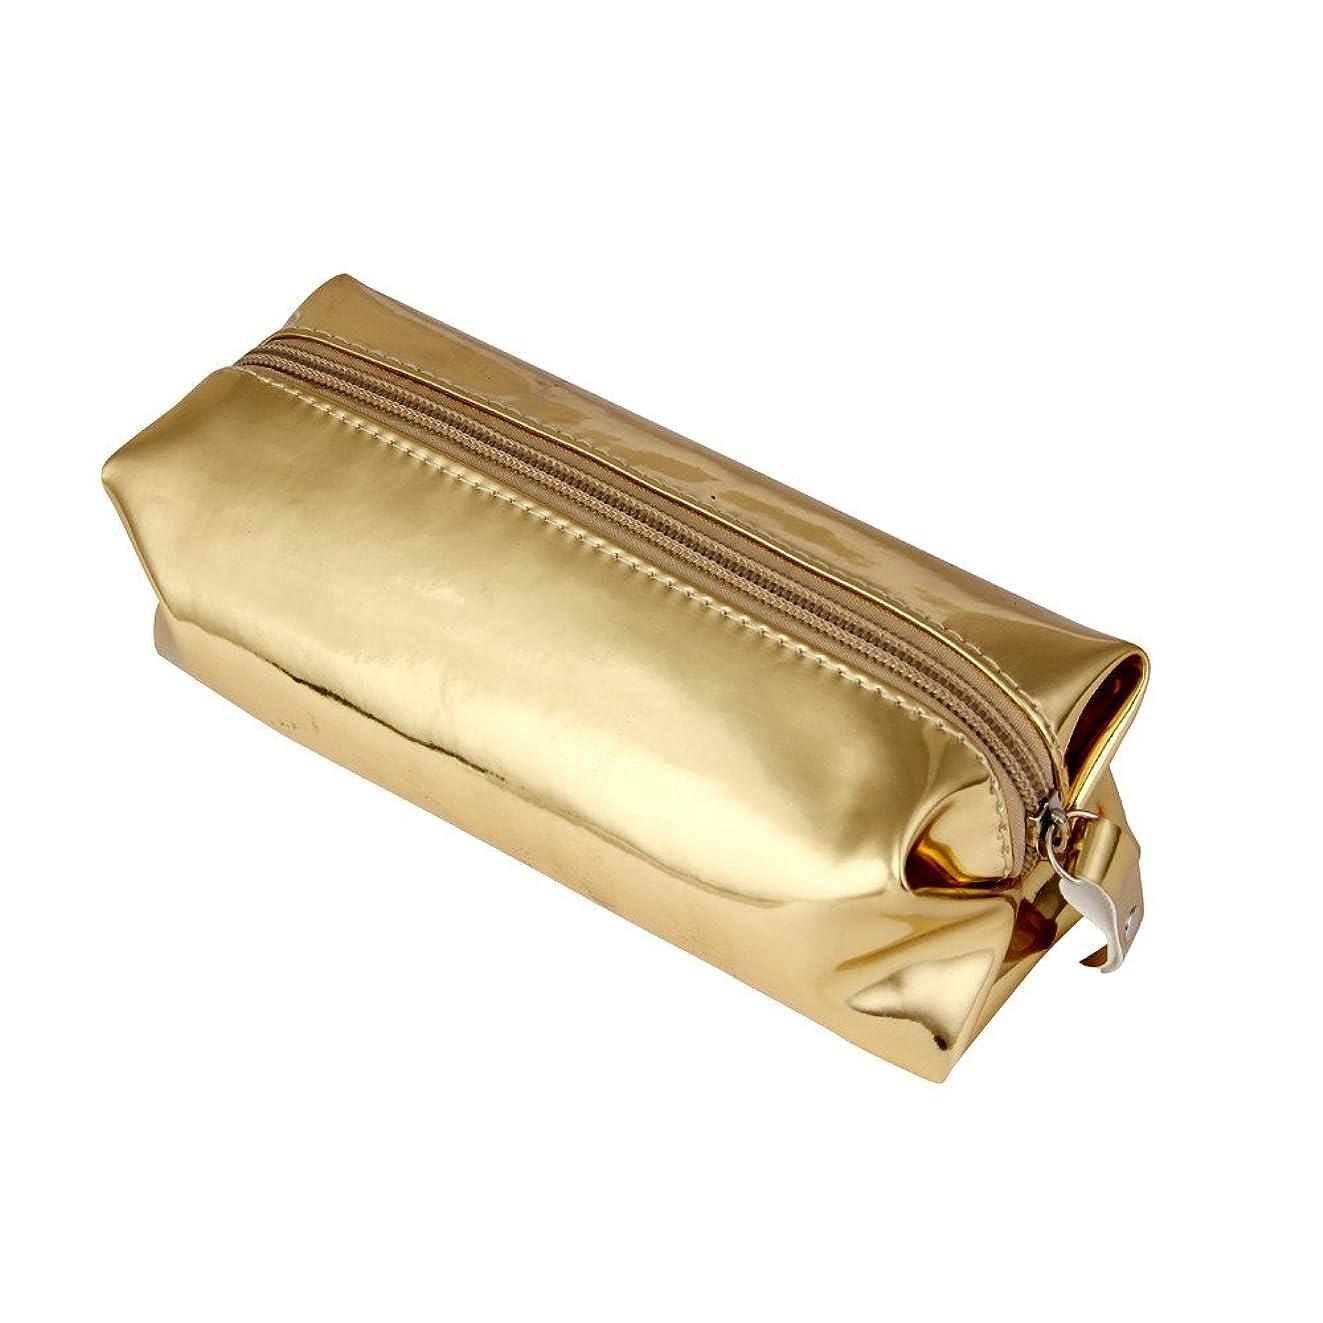 歴史火山学スカイFortan化粧ポーチ キラキラ革 方形 化粧品 収納バッグ メイクボックス コスメポーチ メイクアップポーチ 小物入れ 大容量 携帯し易い (金色)